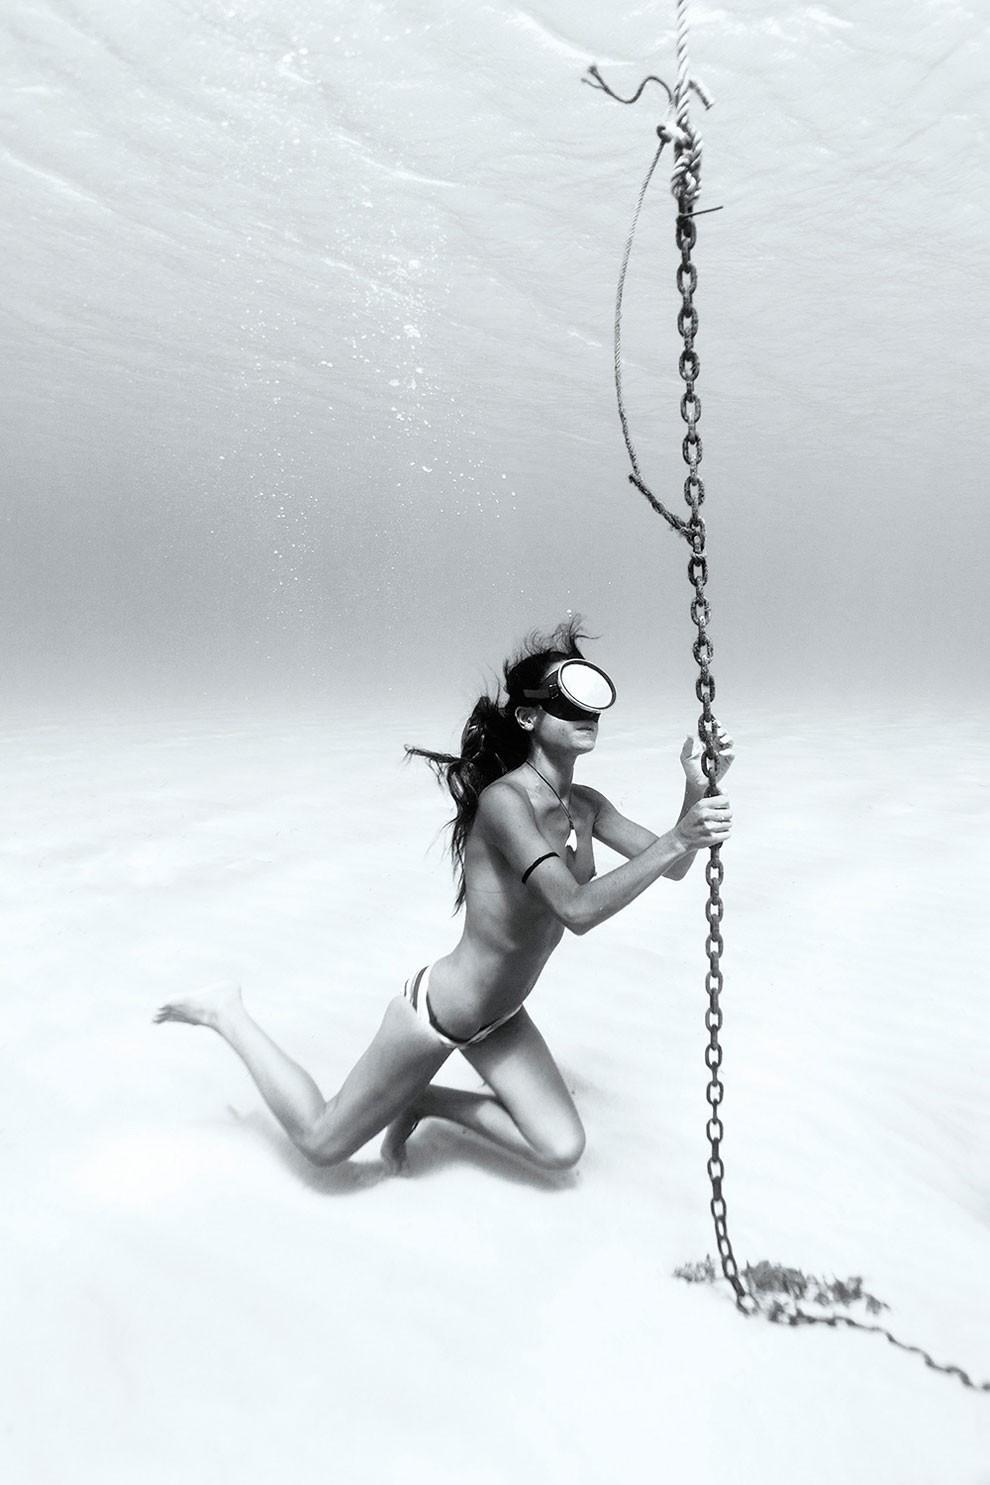 fotografia-subacquea-enric-adrian-gener-27mm-10